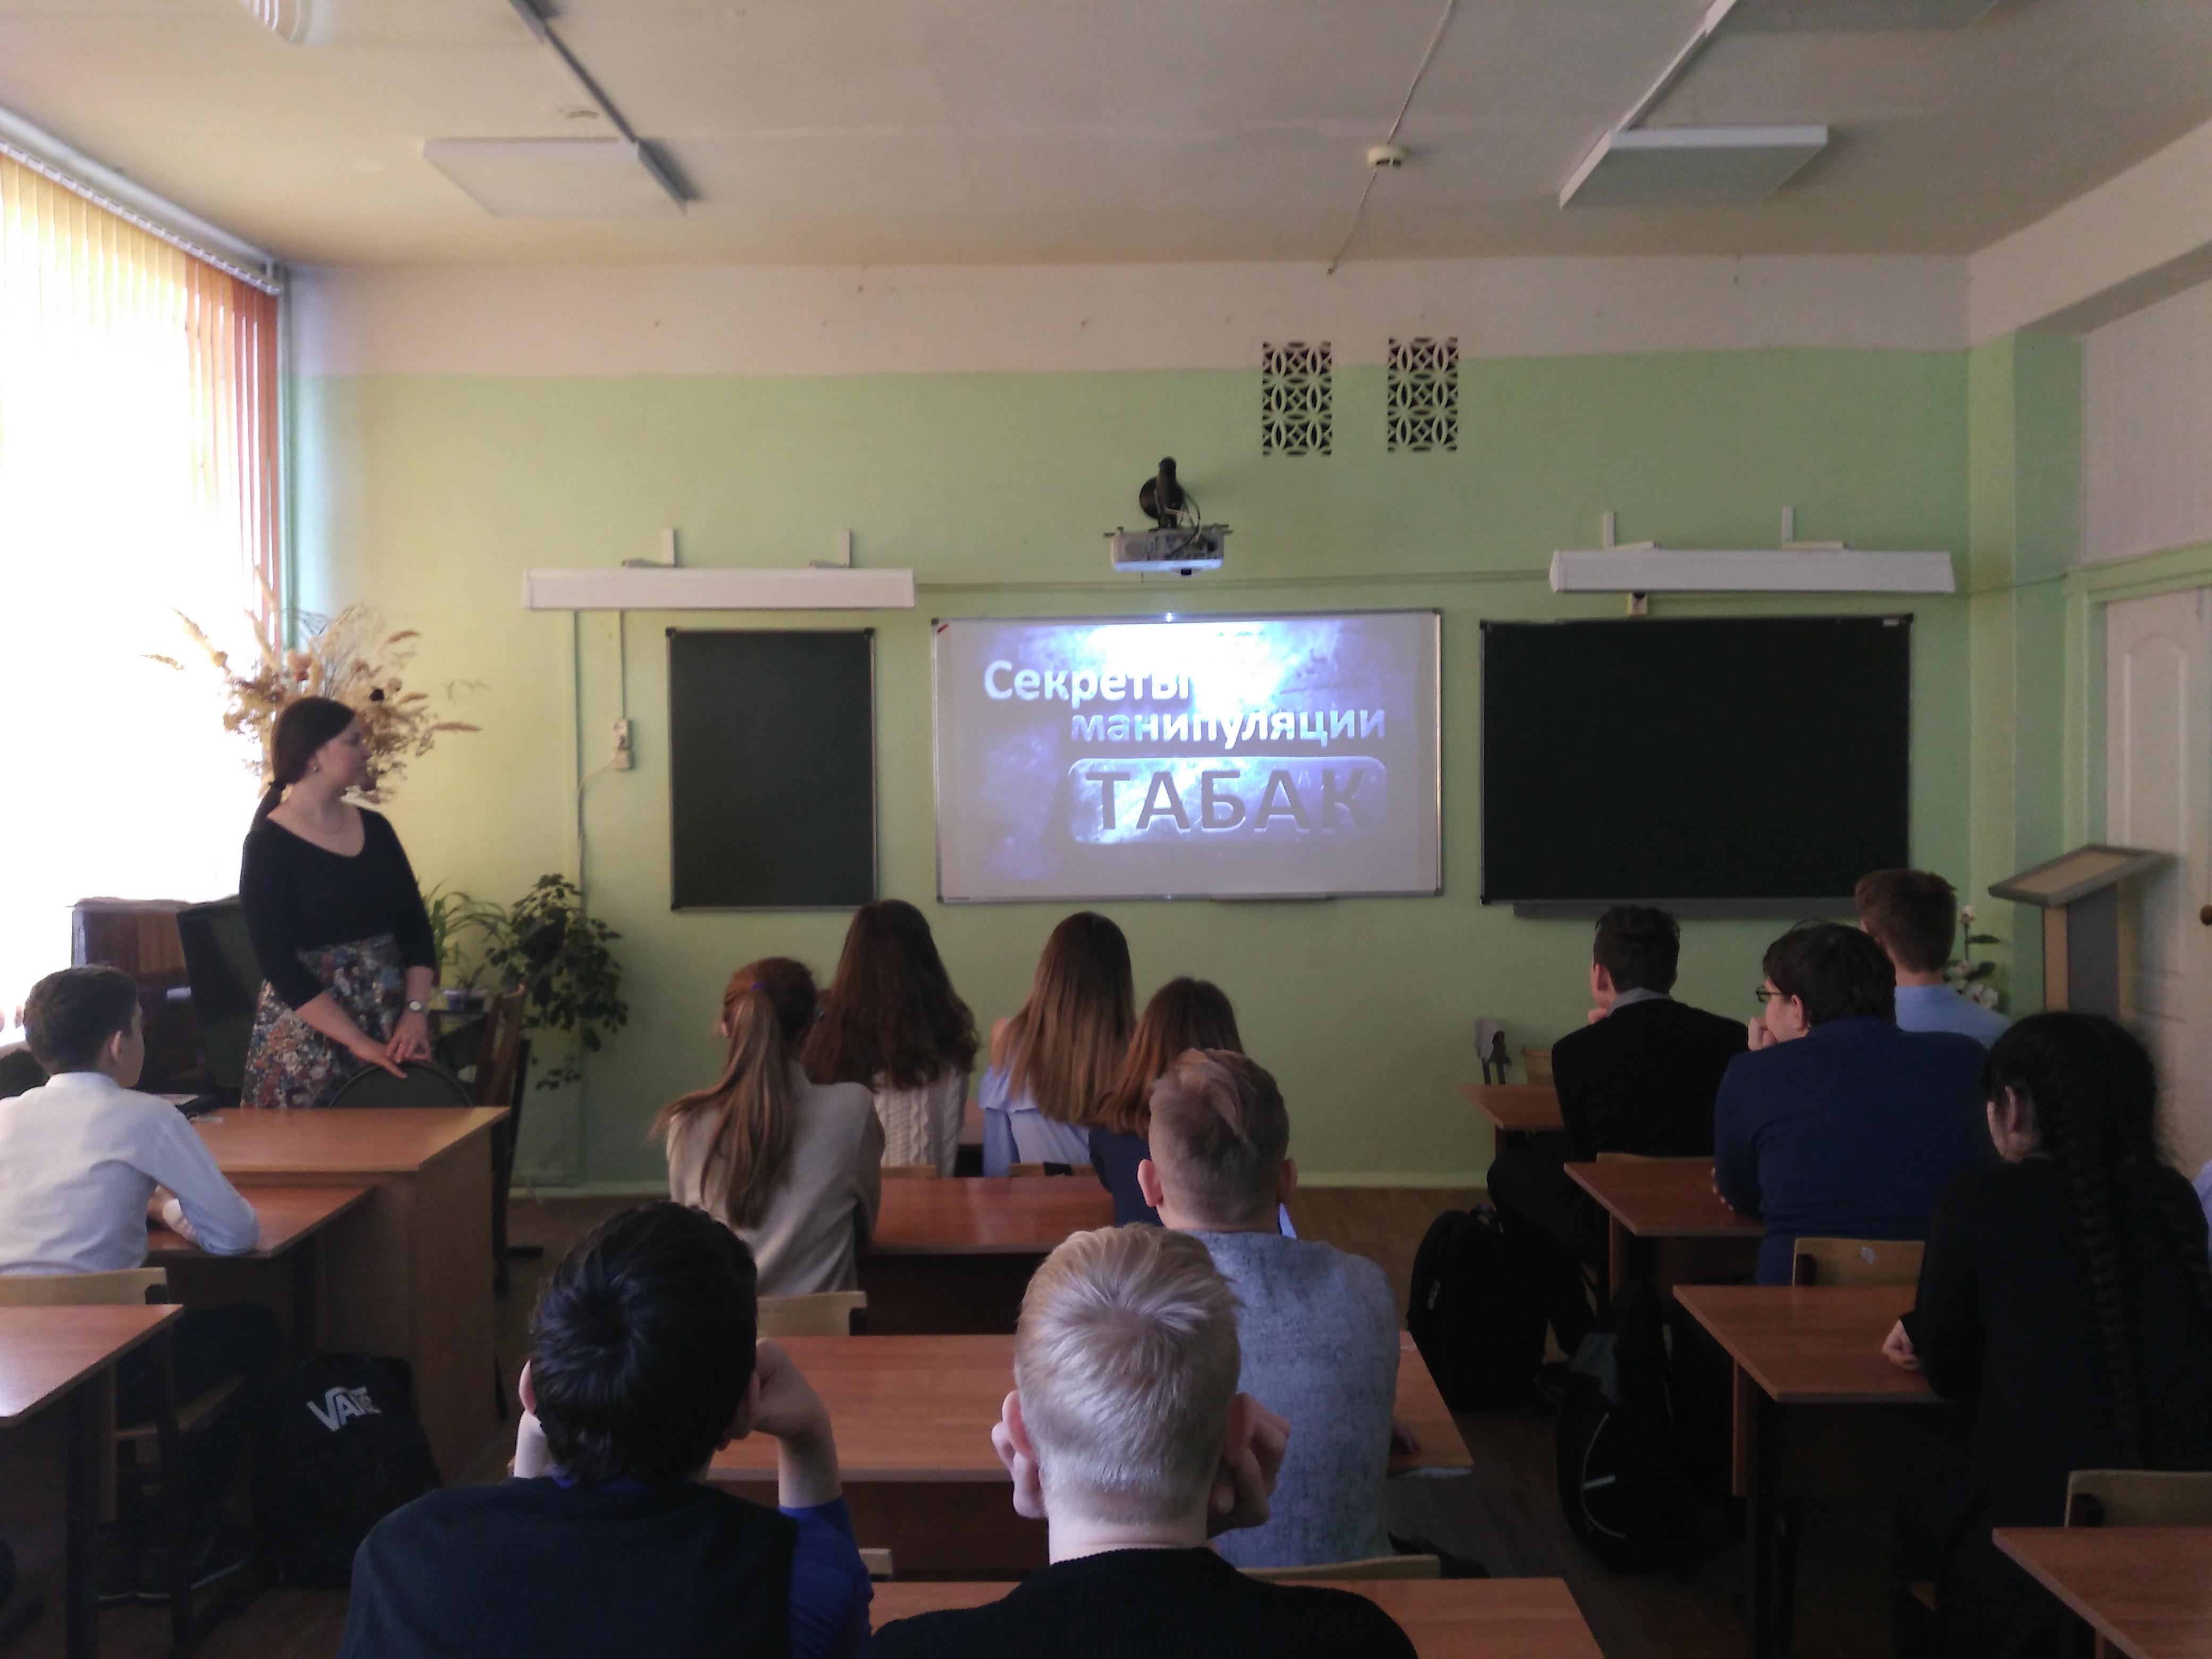 В общеобразовательной школе № 23 города Димитровграда Ульяновской области прошло интерактивное занятие «Секреты манипуляции. Табак»